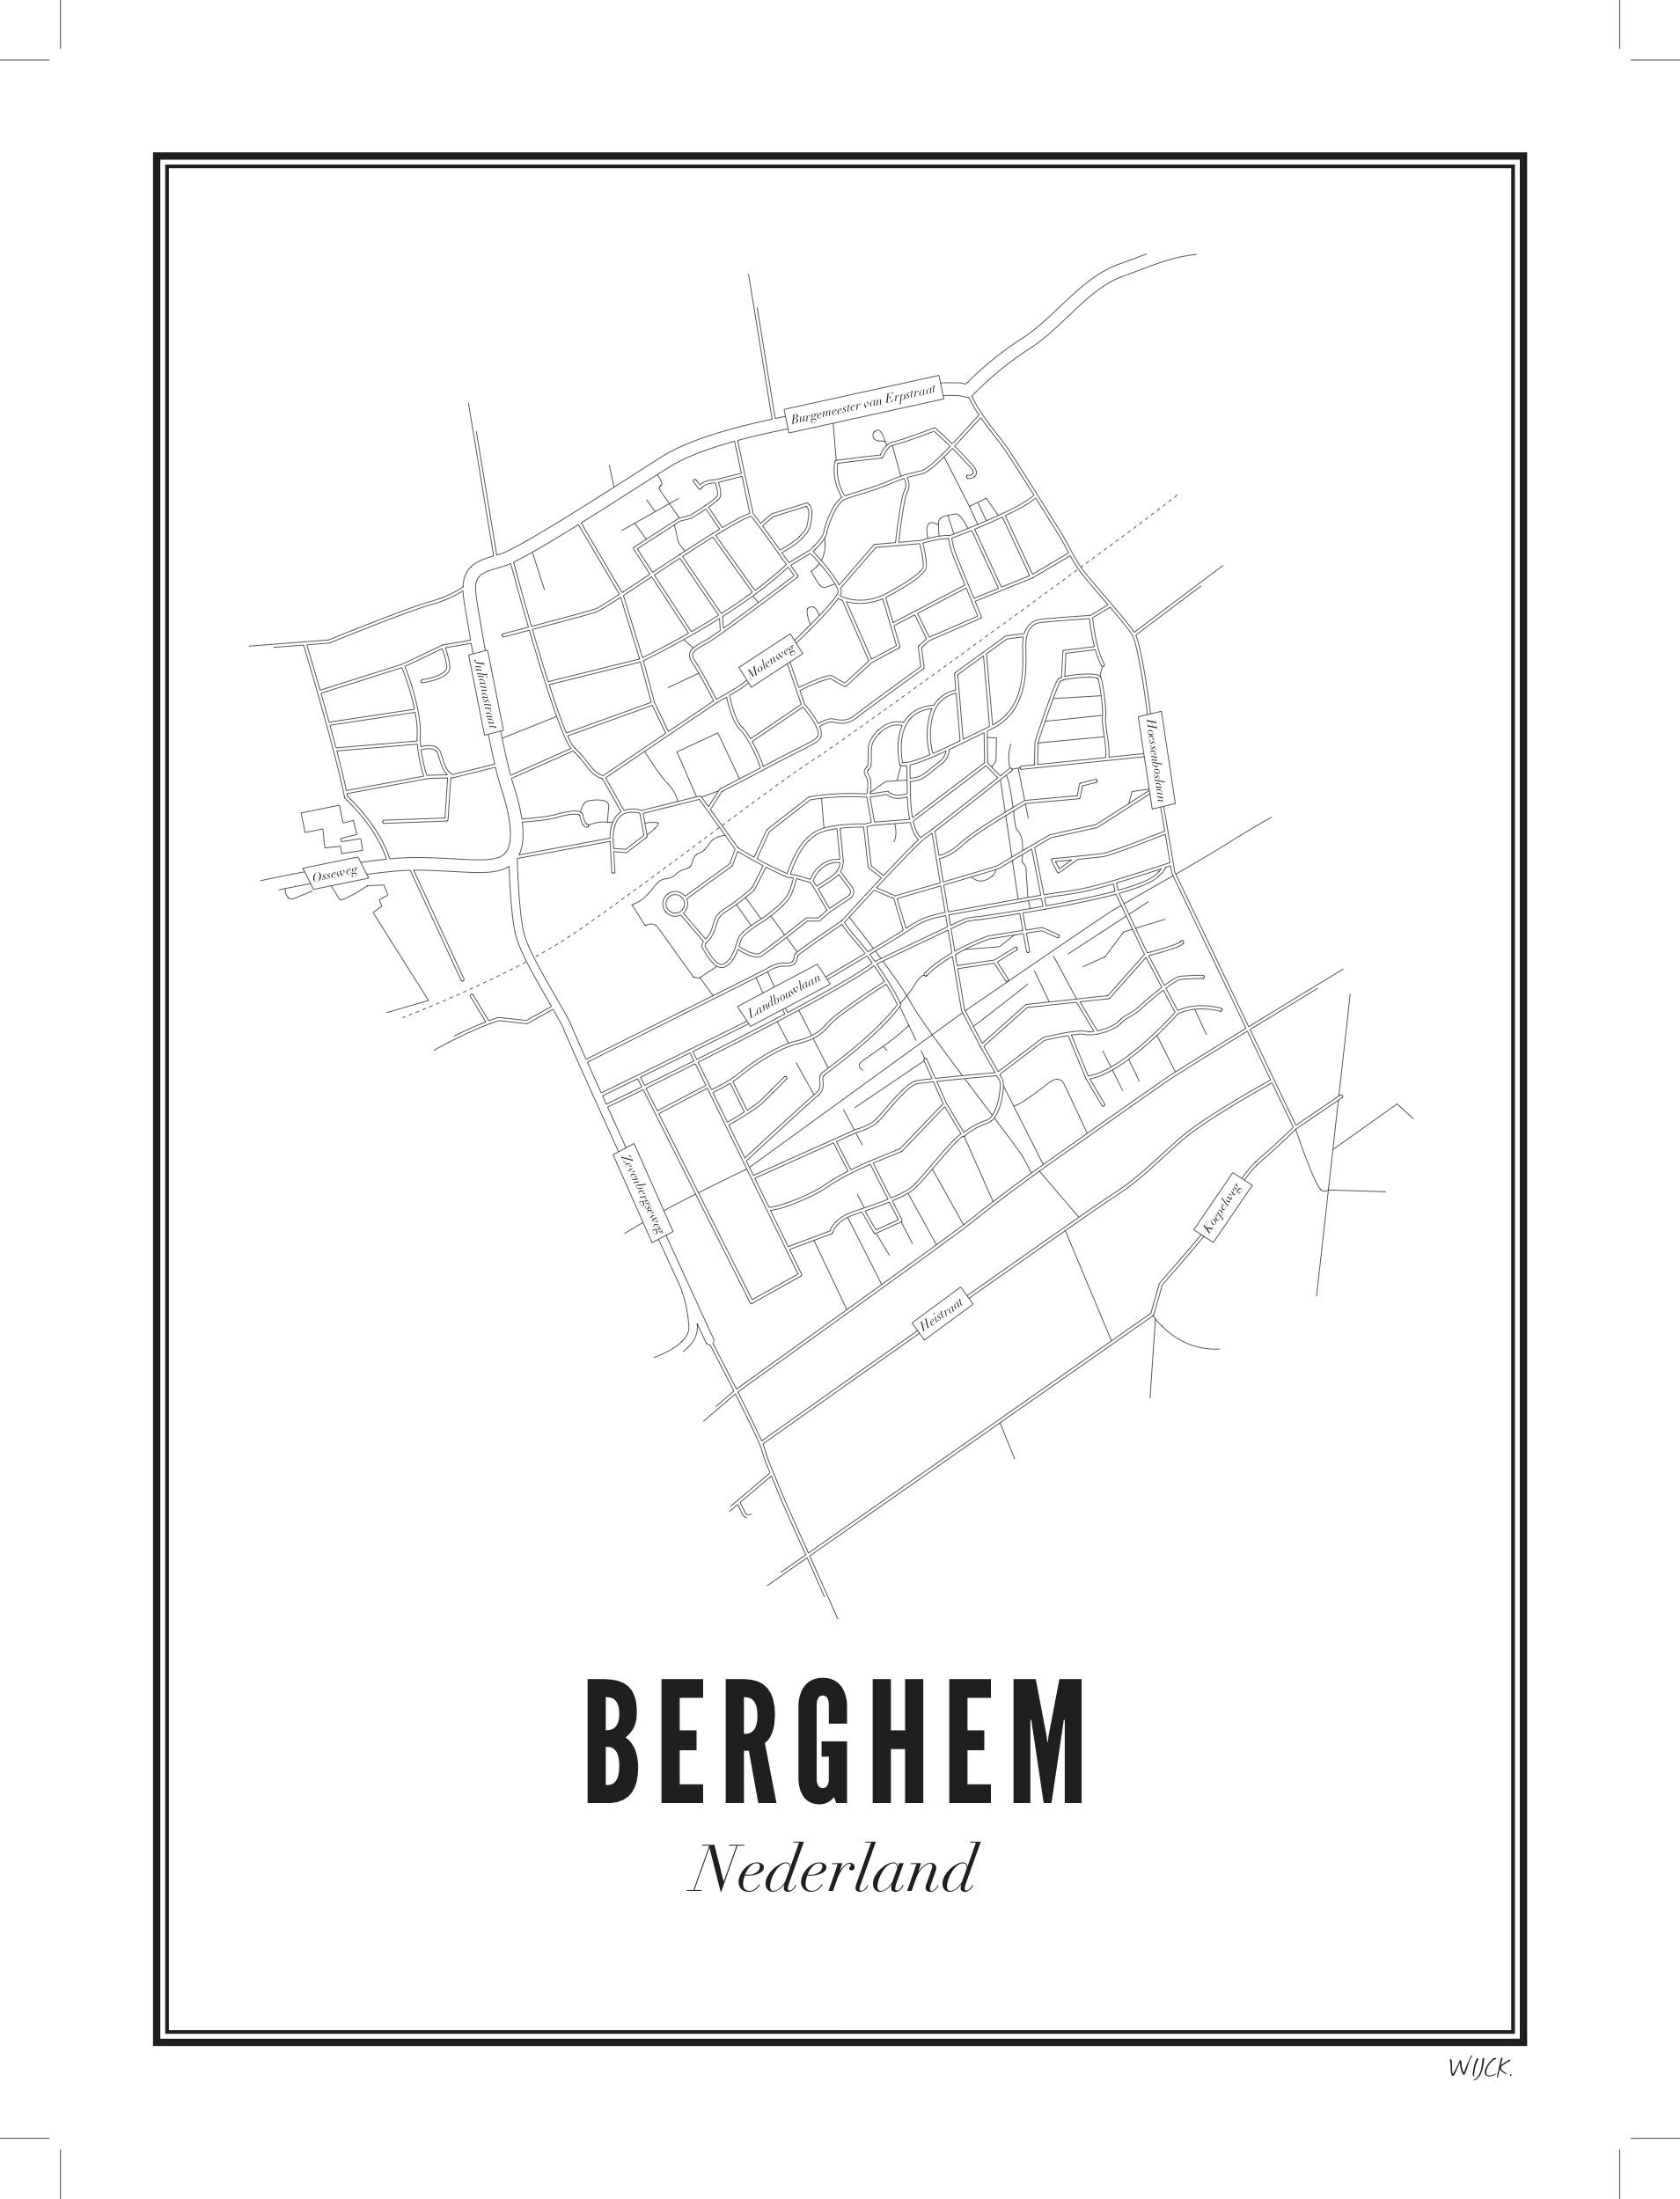 nl-berghem-2020-a3160006759314 kopie.jpg